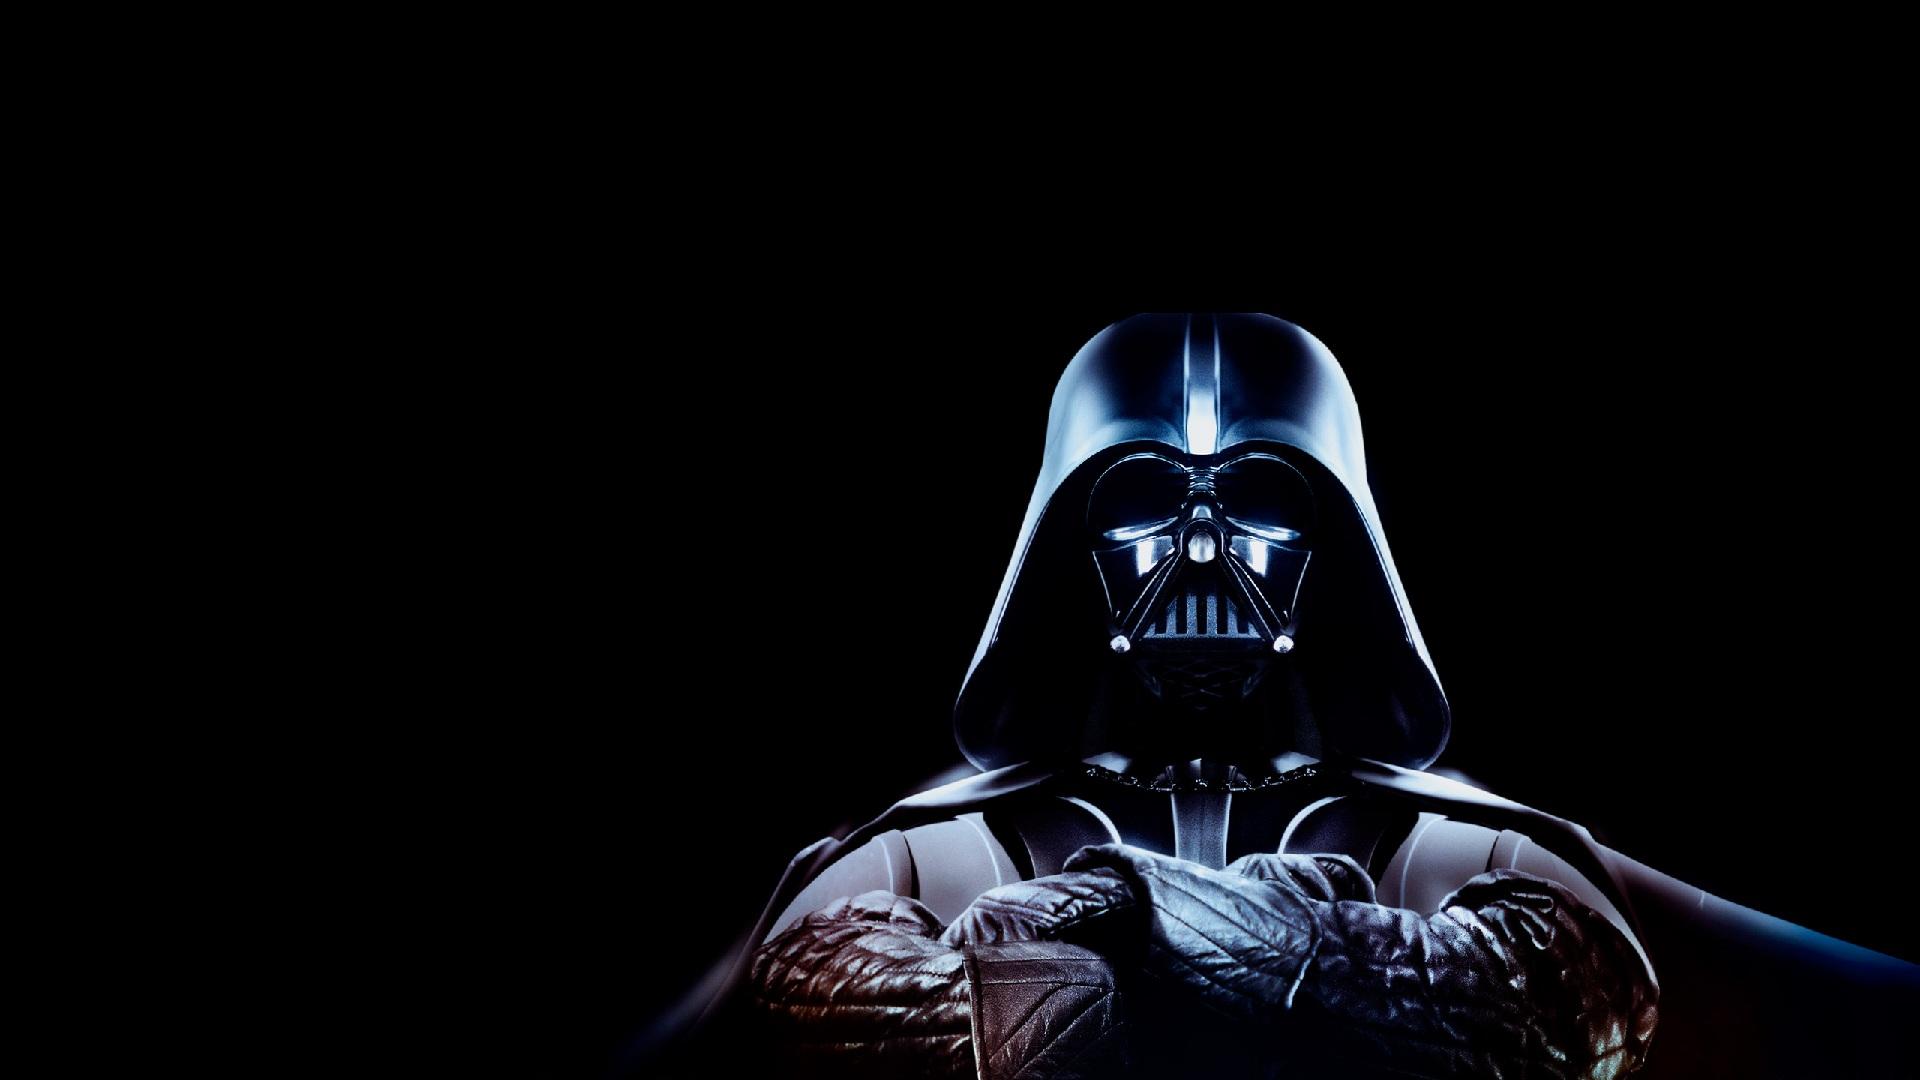 Star Wars Luke Skywalker Wallpaper 1920x1080